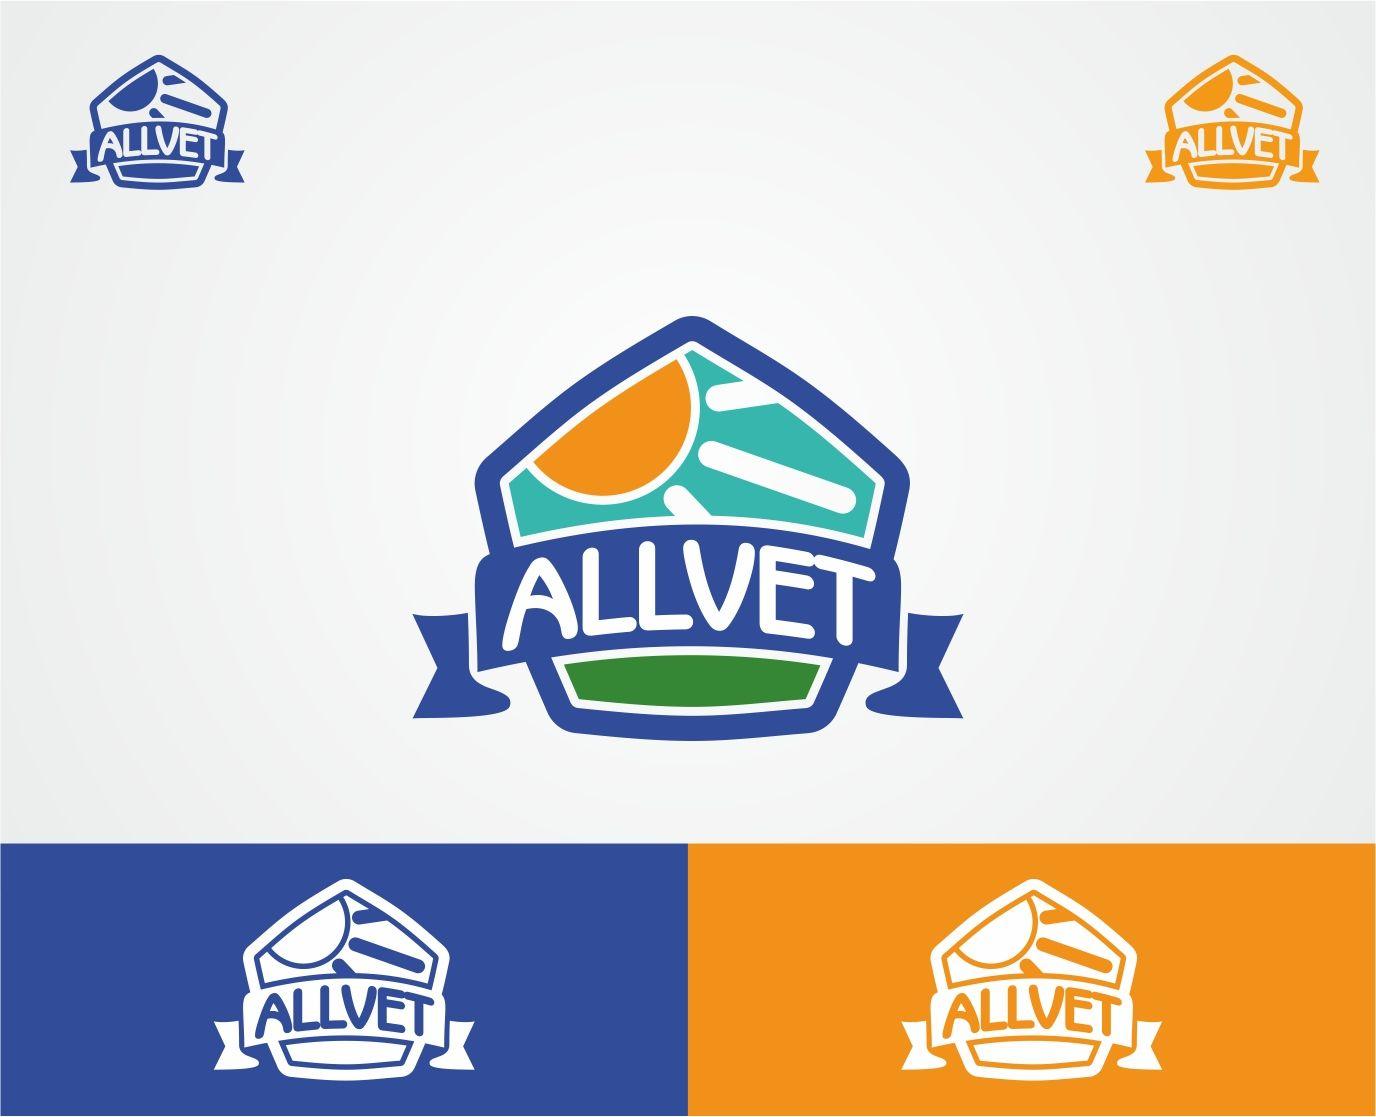 Создание логотипа и стиля ветеринарной компании - дизайнер graphin4ik